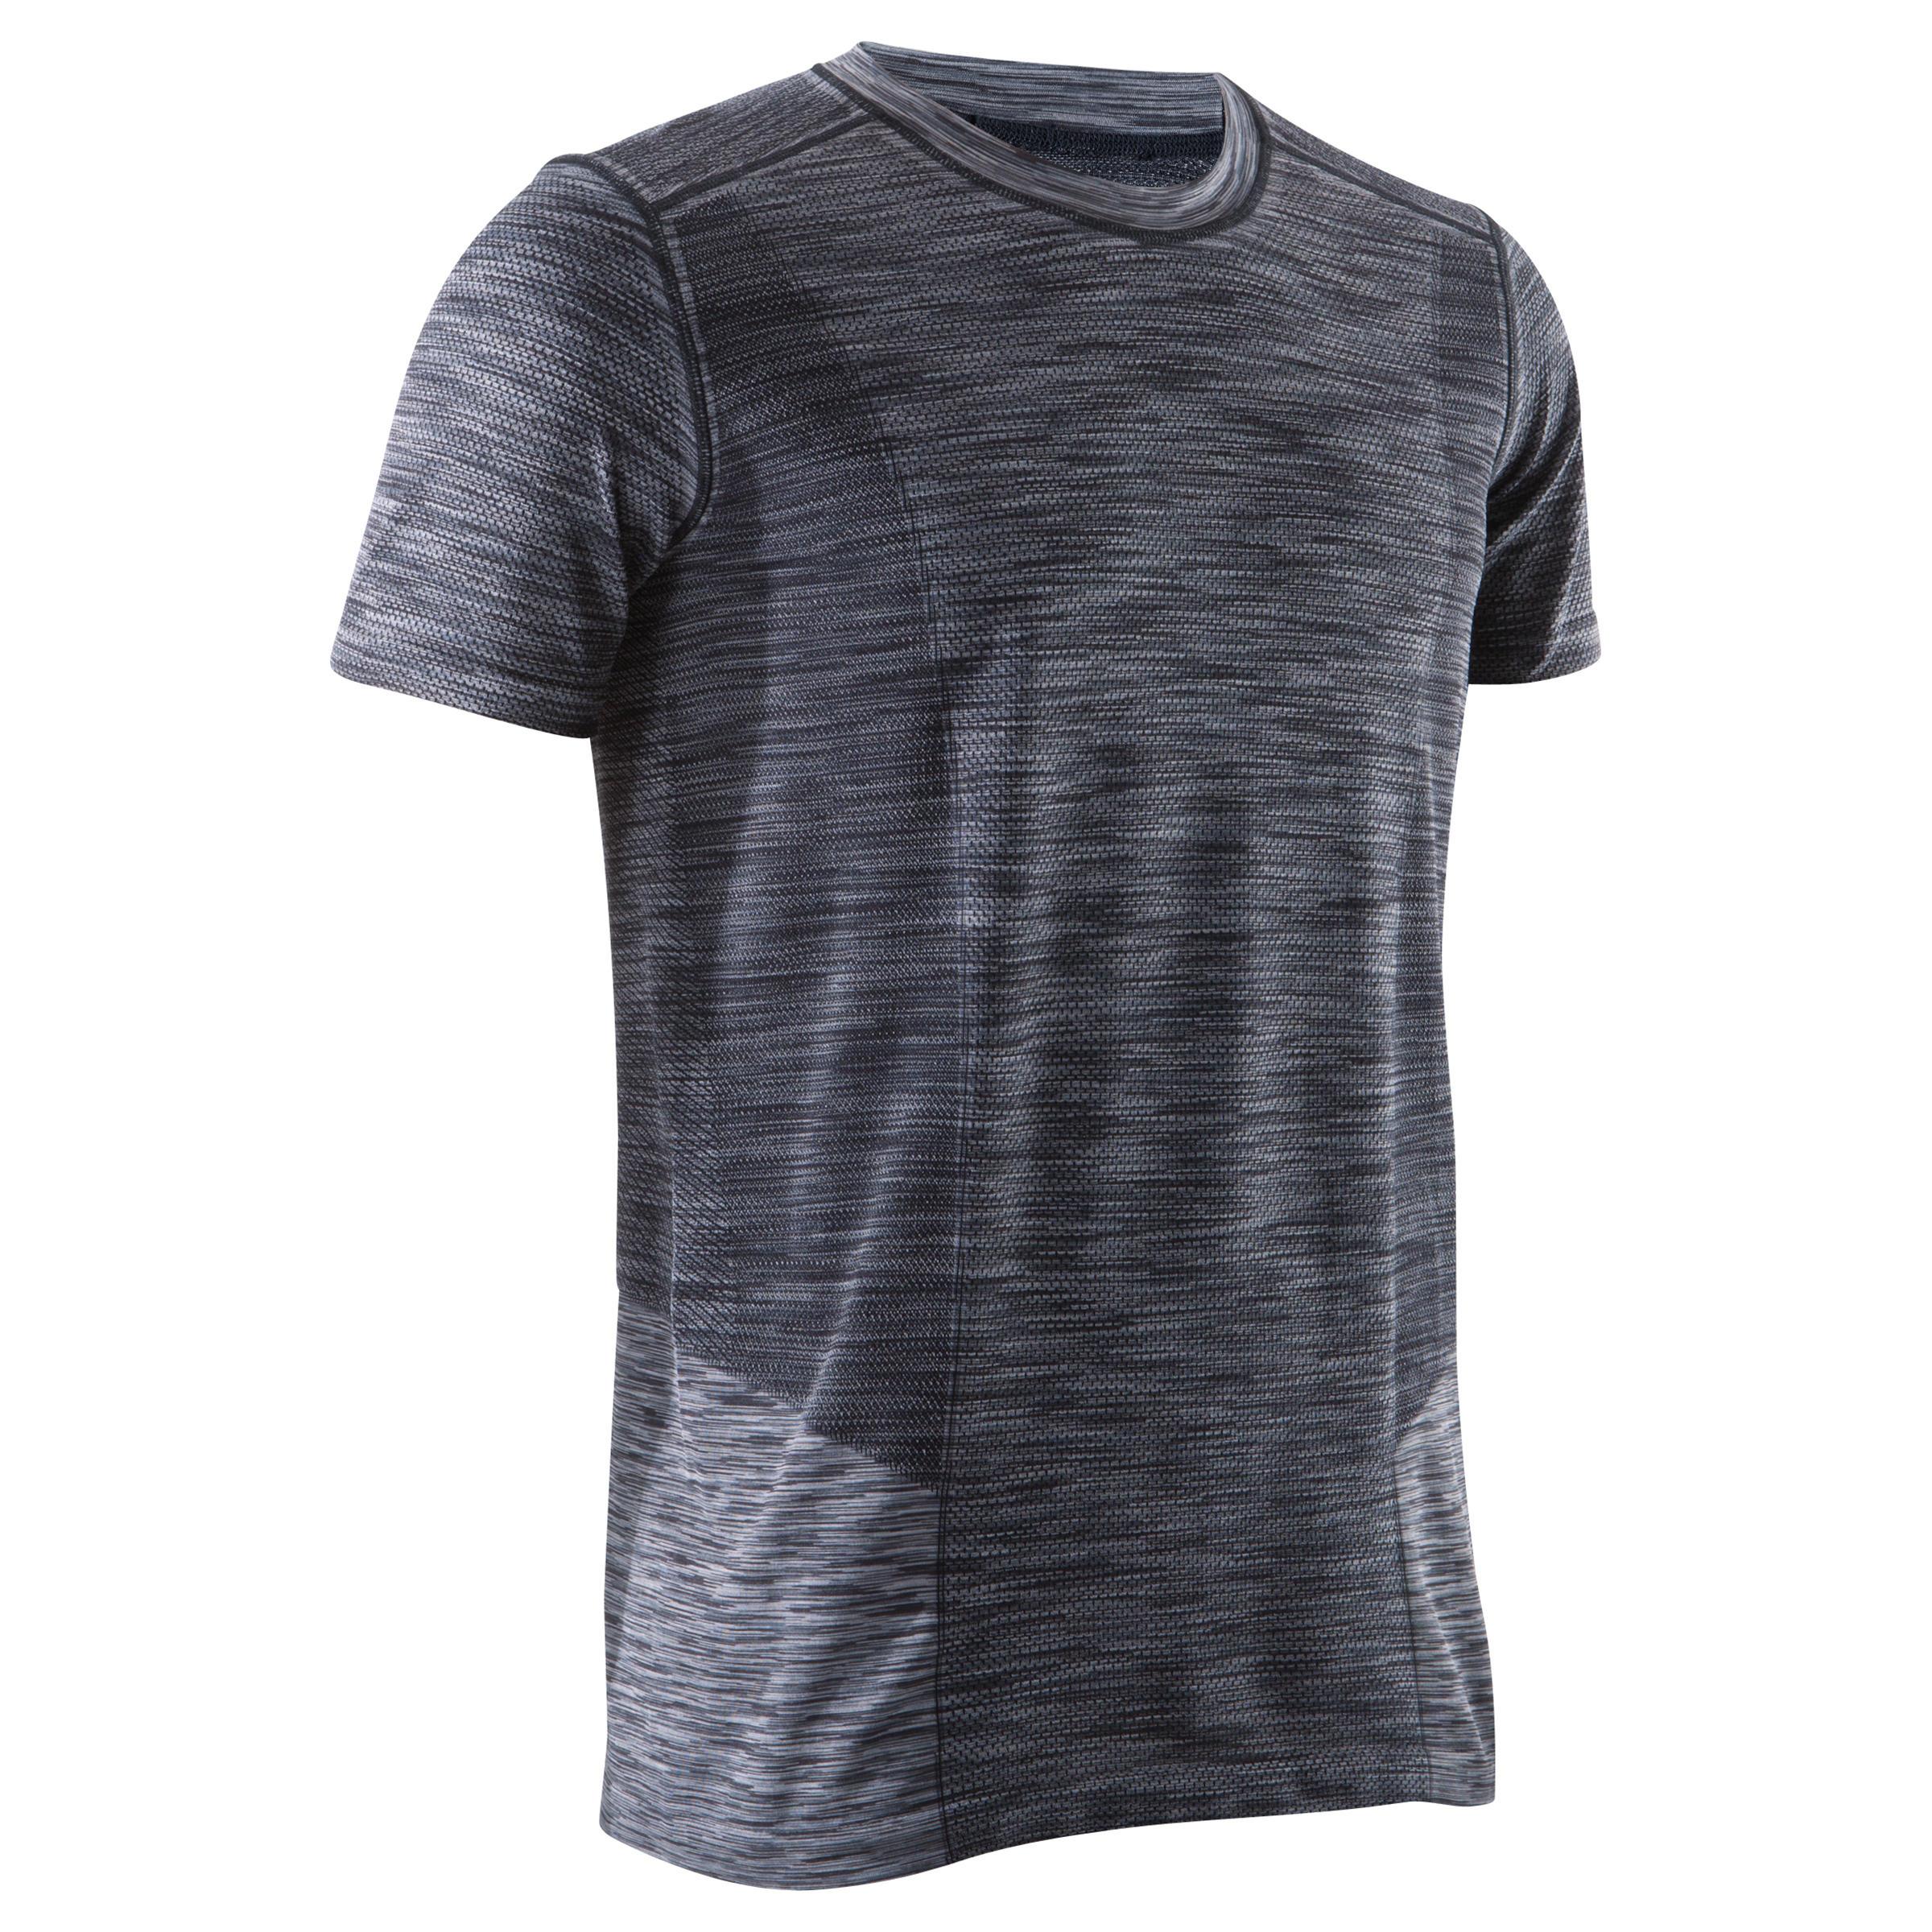 T-shirt YOGA sans couture noir/gris homme